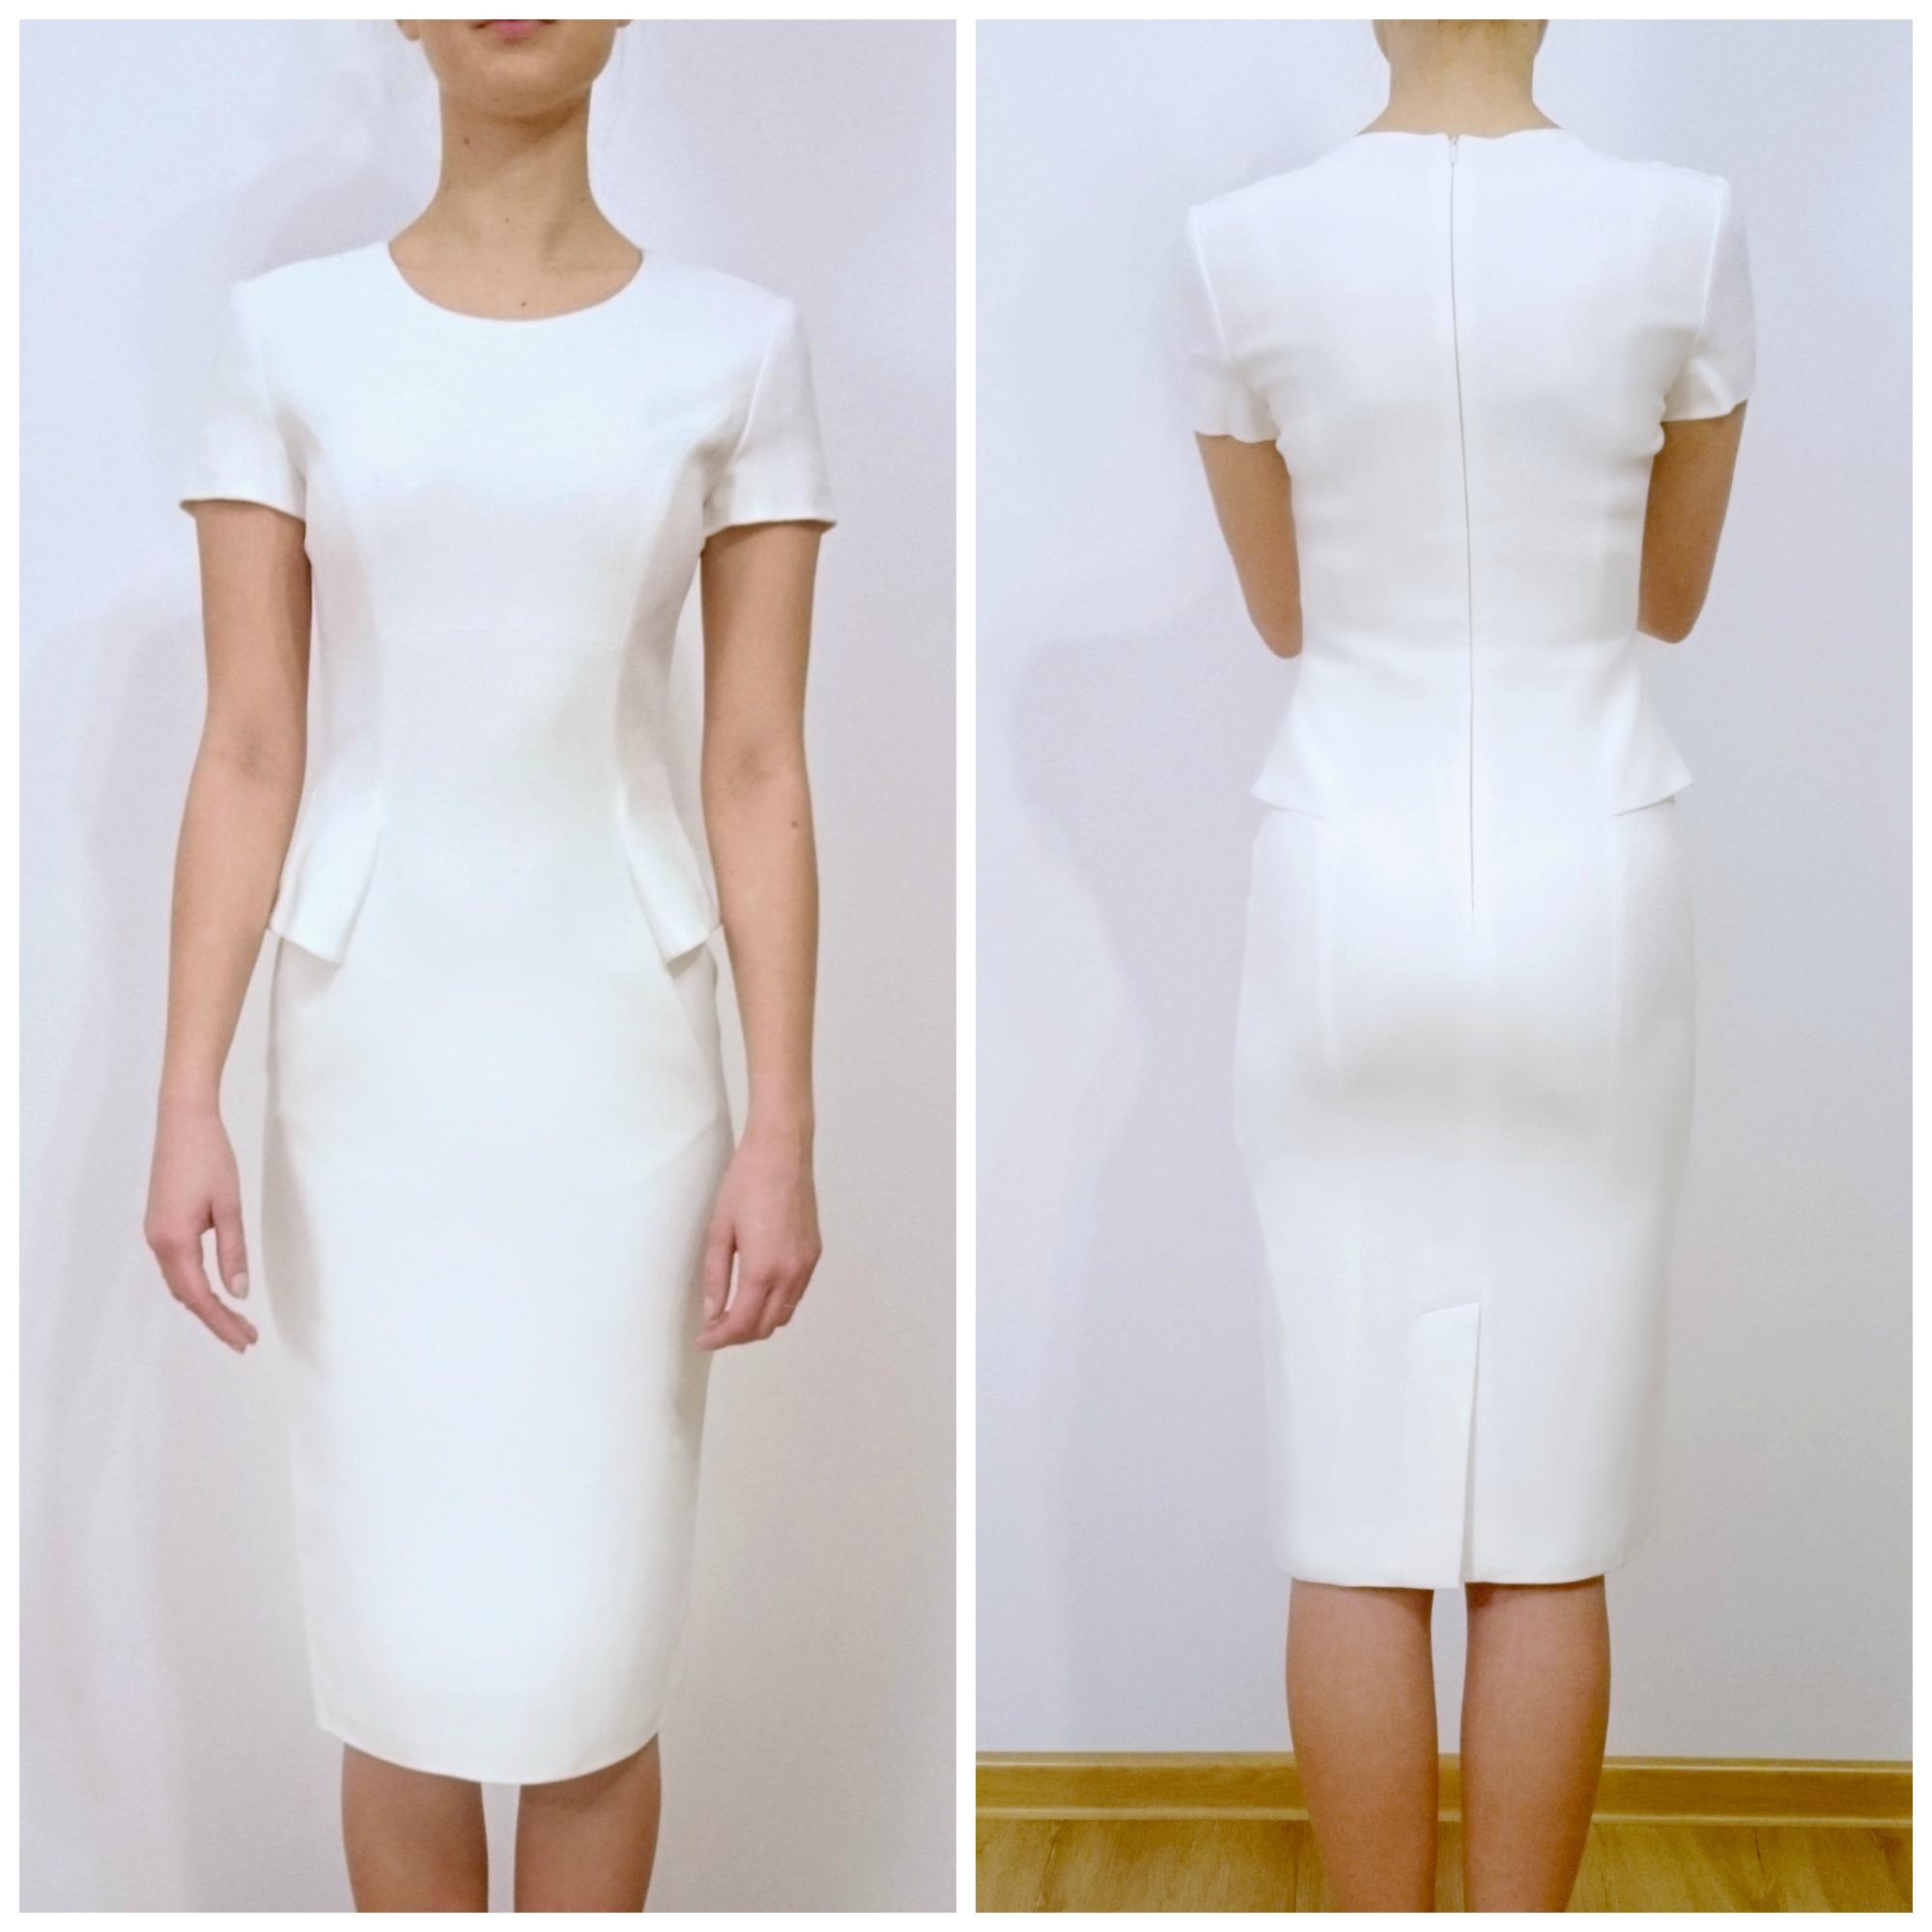 61ad521978 Sukienka LA MANIA LaMania ecru kremowa r. 34 xs - 7311082279 ...